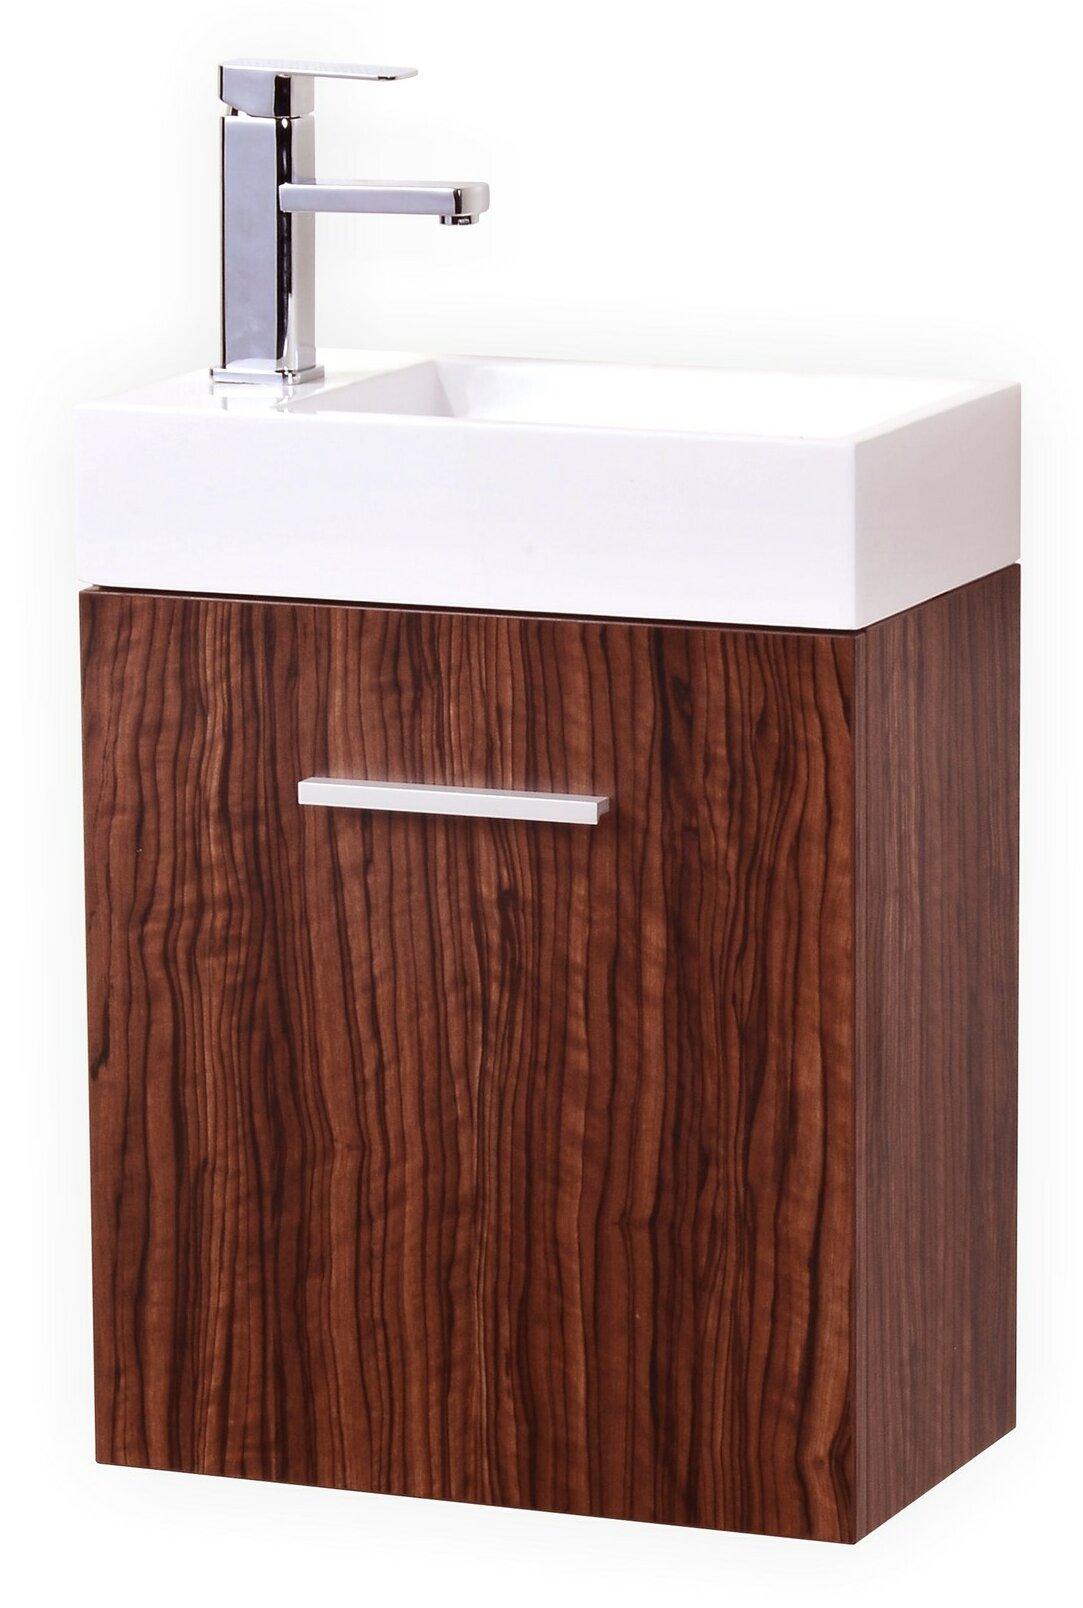 Meubles-lavabos 60 po: Style - Moderne et contemporain | Wayfair.ca